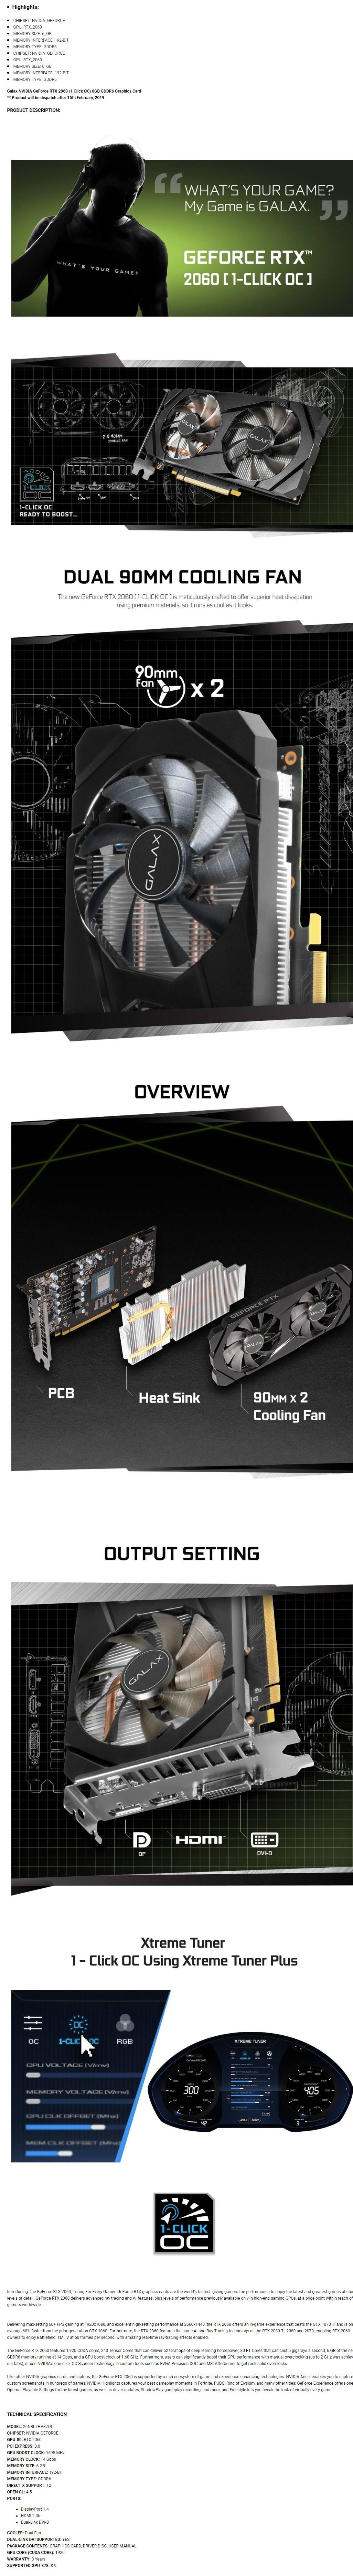 Galax NVIDIA GeForce RTX 2060 (1 Click OC) 6GB GDDR6